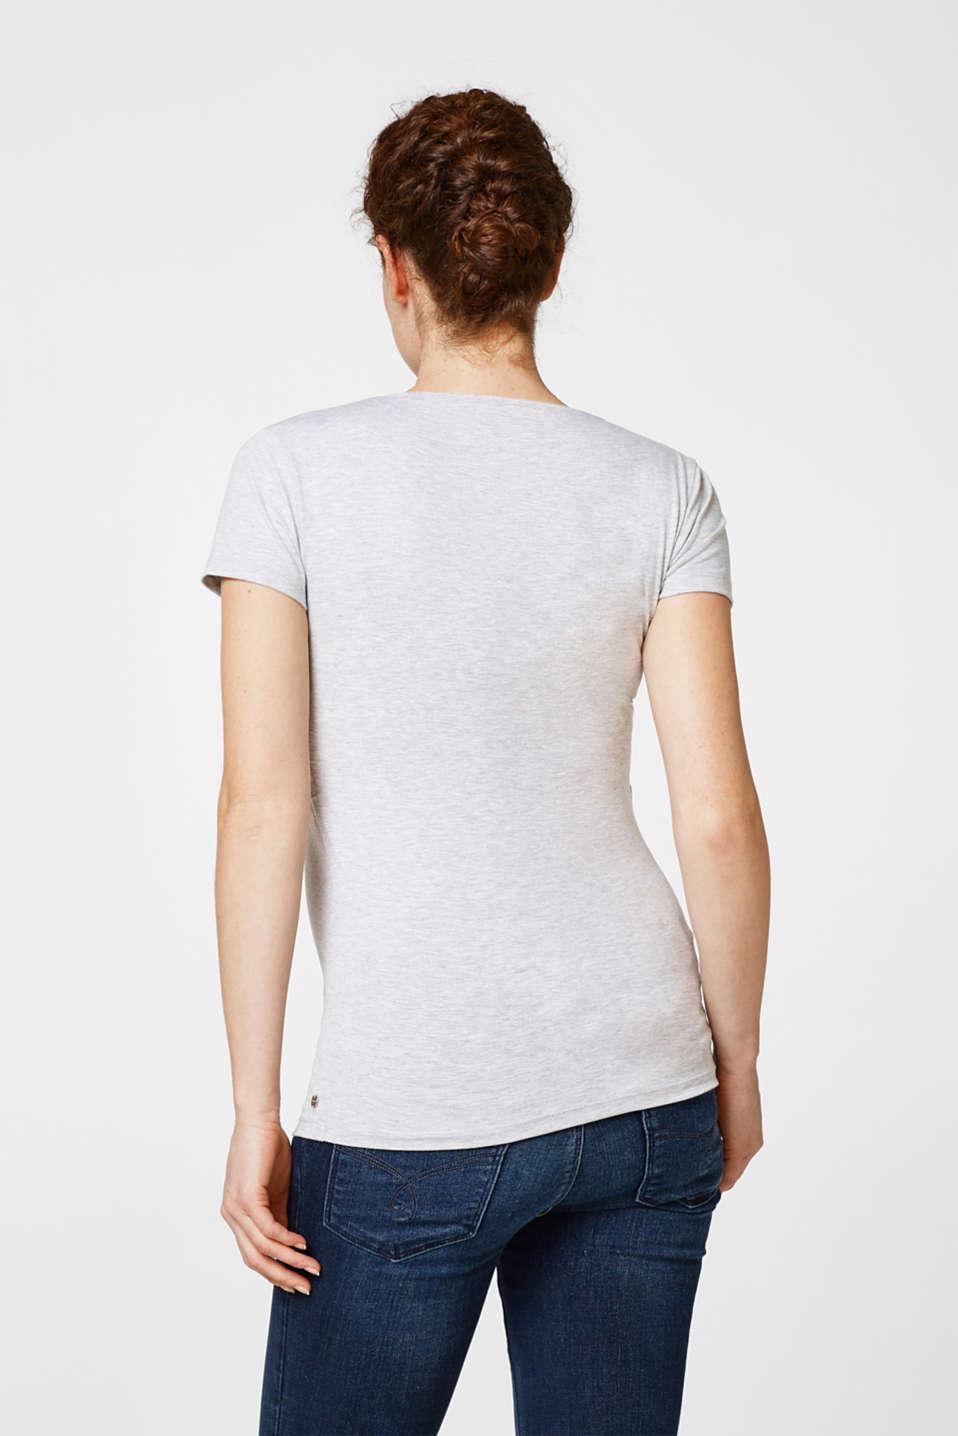 Stretchy top for nursing, LCGREY MELANGE, detail image number 3